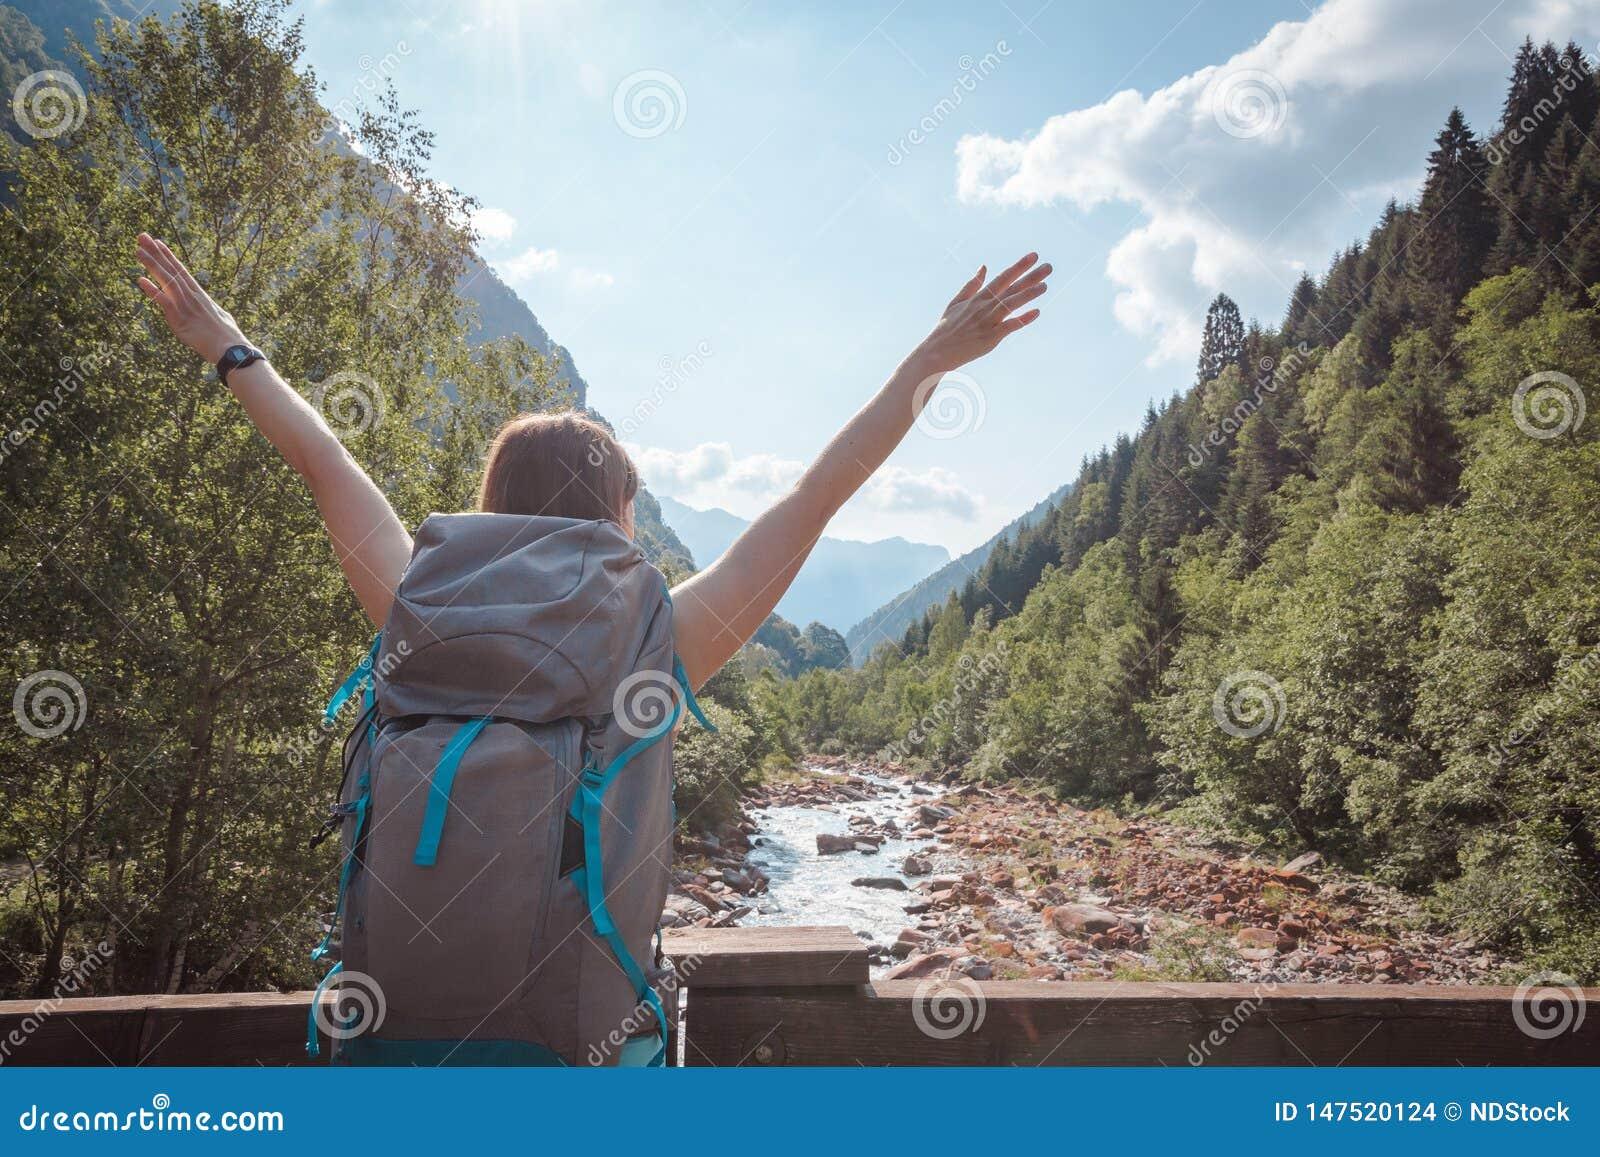 Les bras de la femme ont augmenté sur un pont traversant une rivière entourée par des montagnes